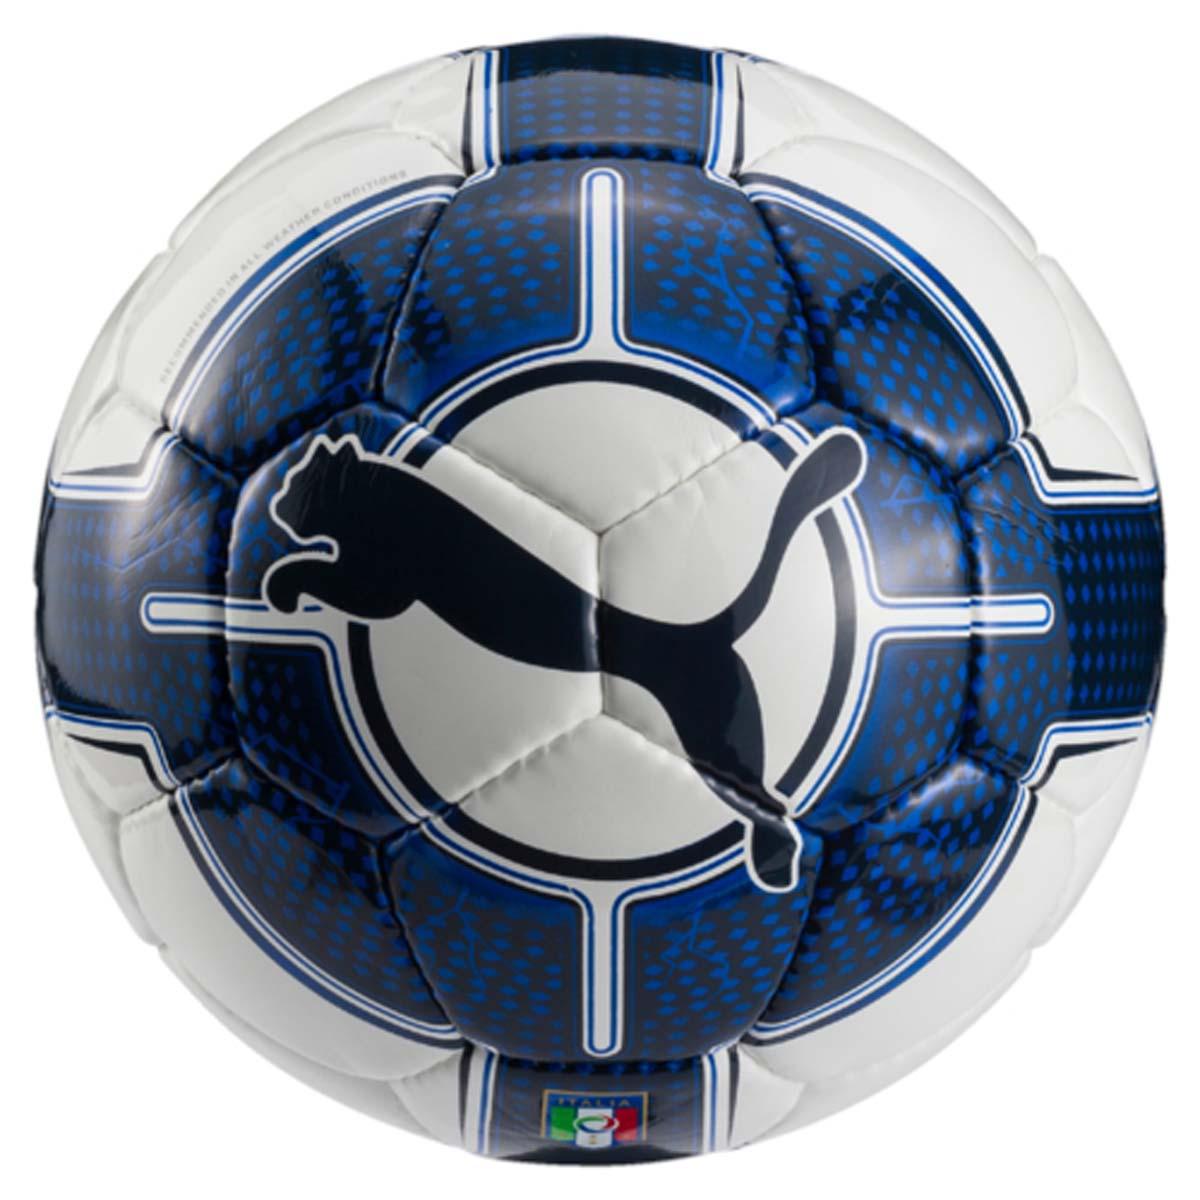 Мяч футбольный Puma Italia Evopower Vigor 5.3HS, цвет: синий, белый. 08277601. Размер 5